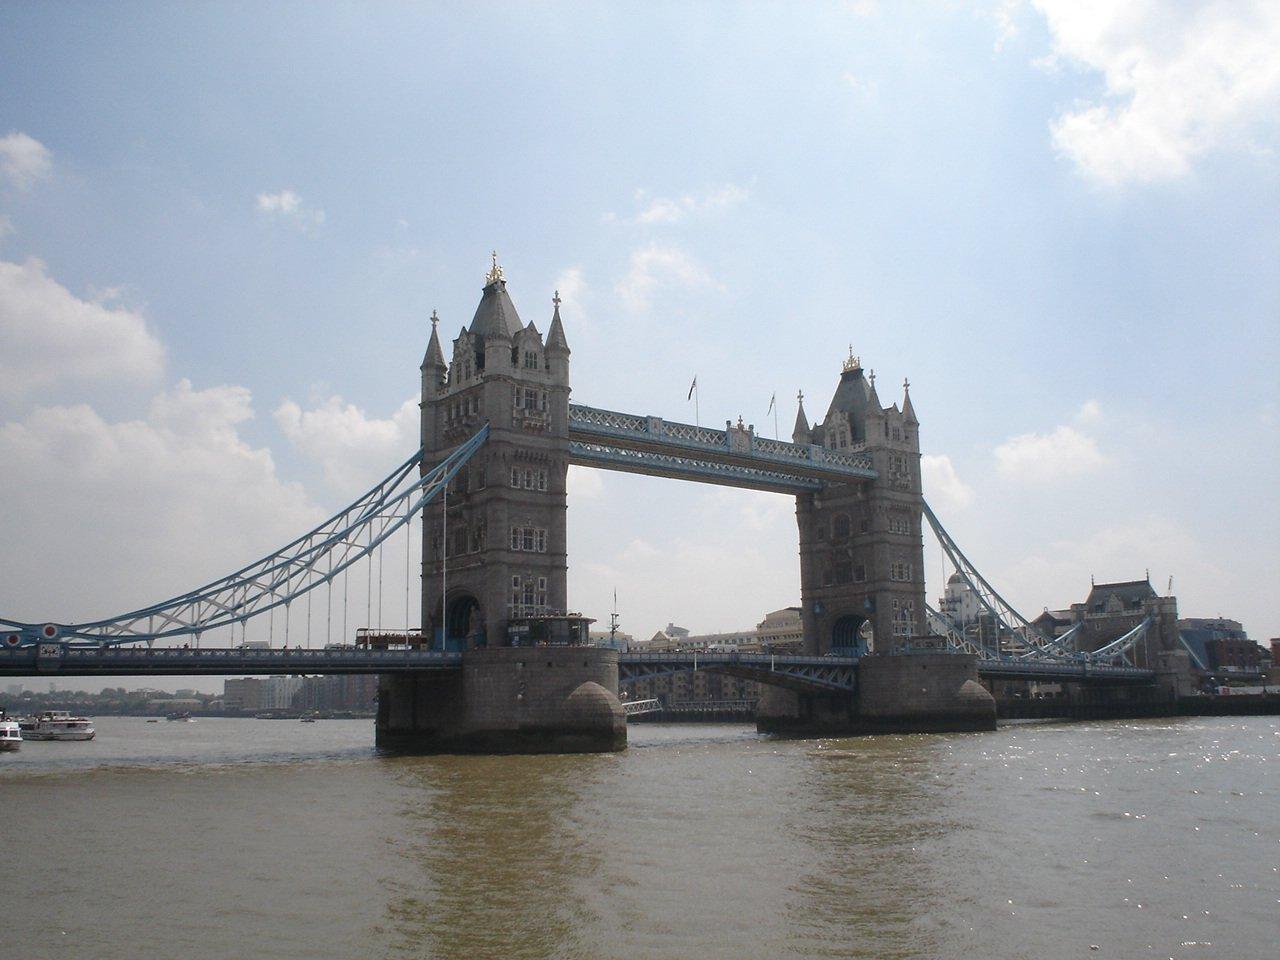 Тауэрский мост, Лондон, Великобритания. Июль, 2006